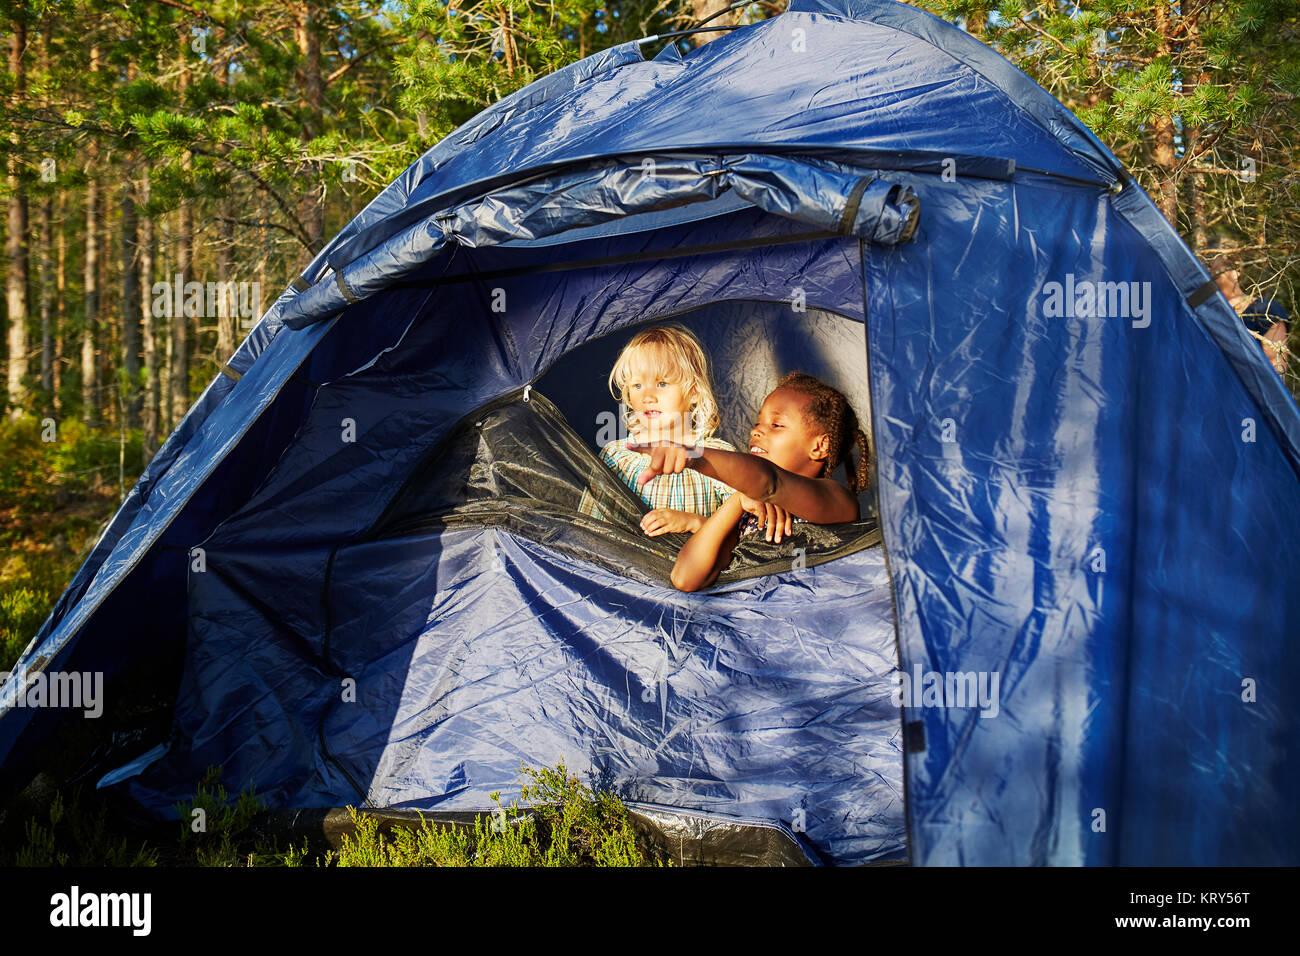 Les filles dans une tente bleu Photo Stock